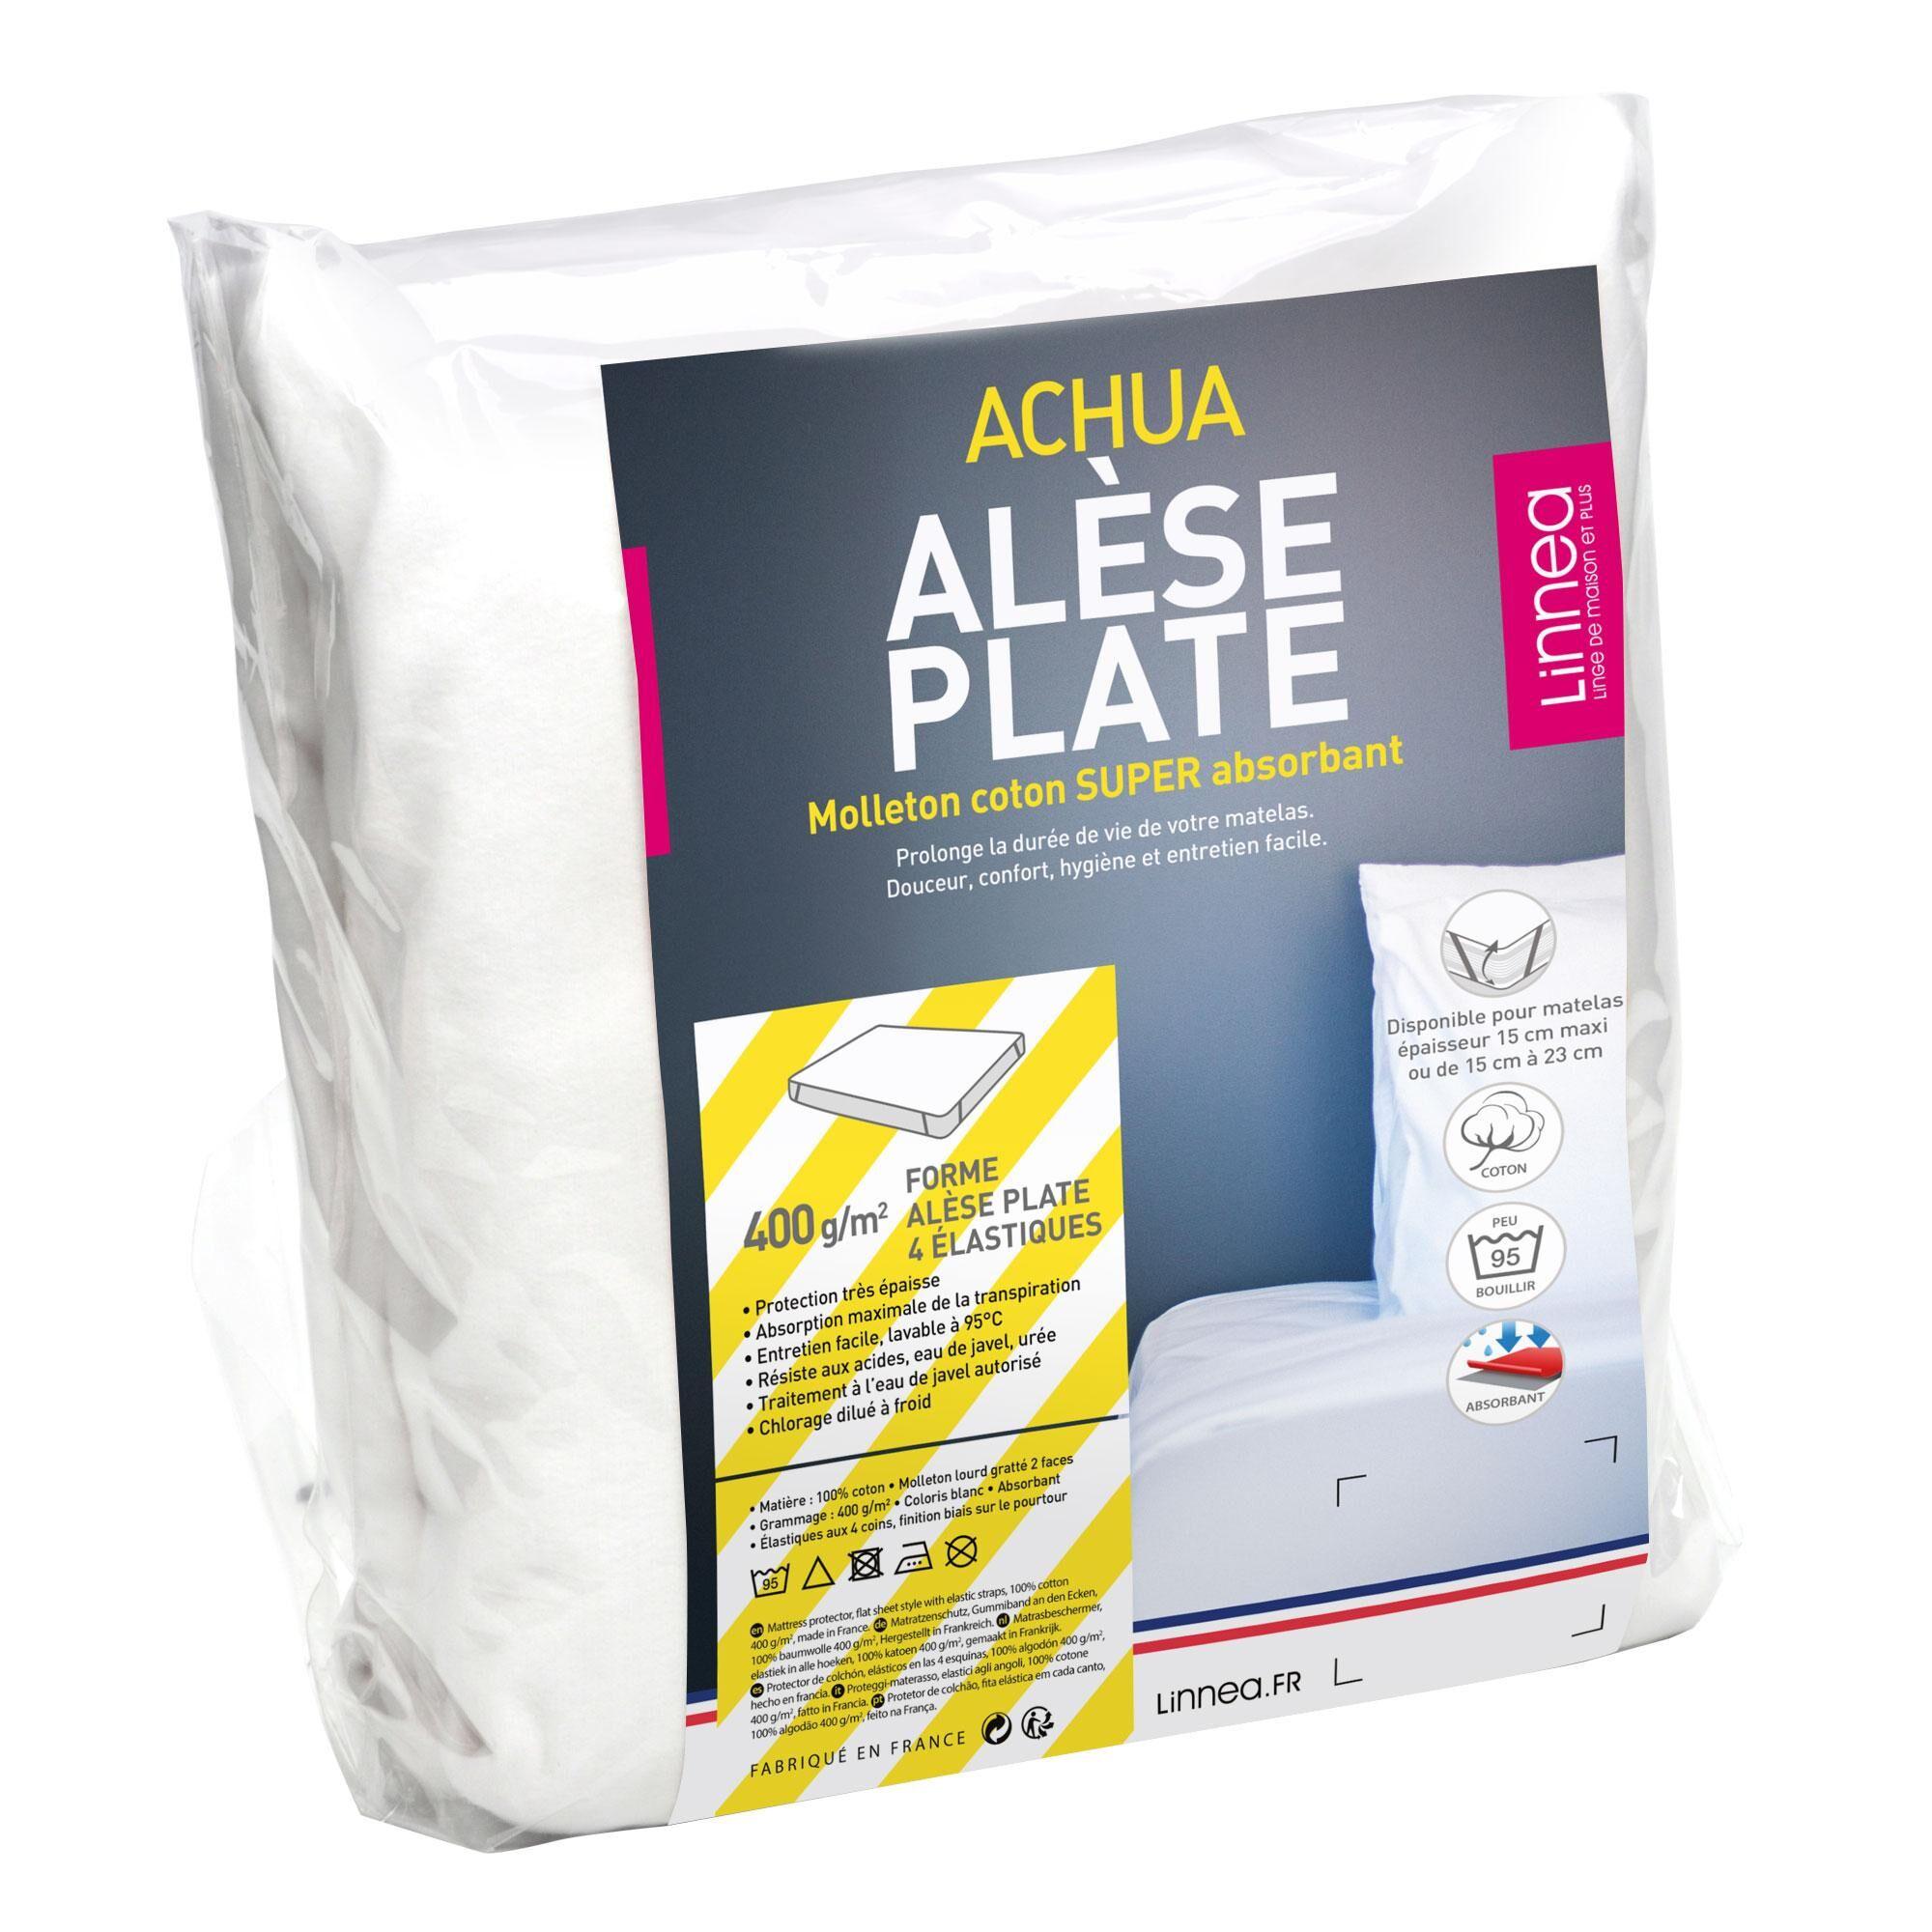 Linnea Alèse plate 160x200 cm ACHUA Molleton 100% coton 400 g/m2 matelas 15cm à 23cm